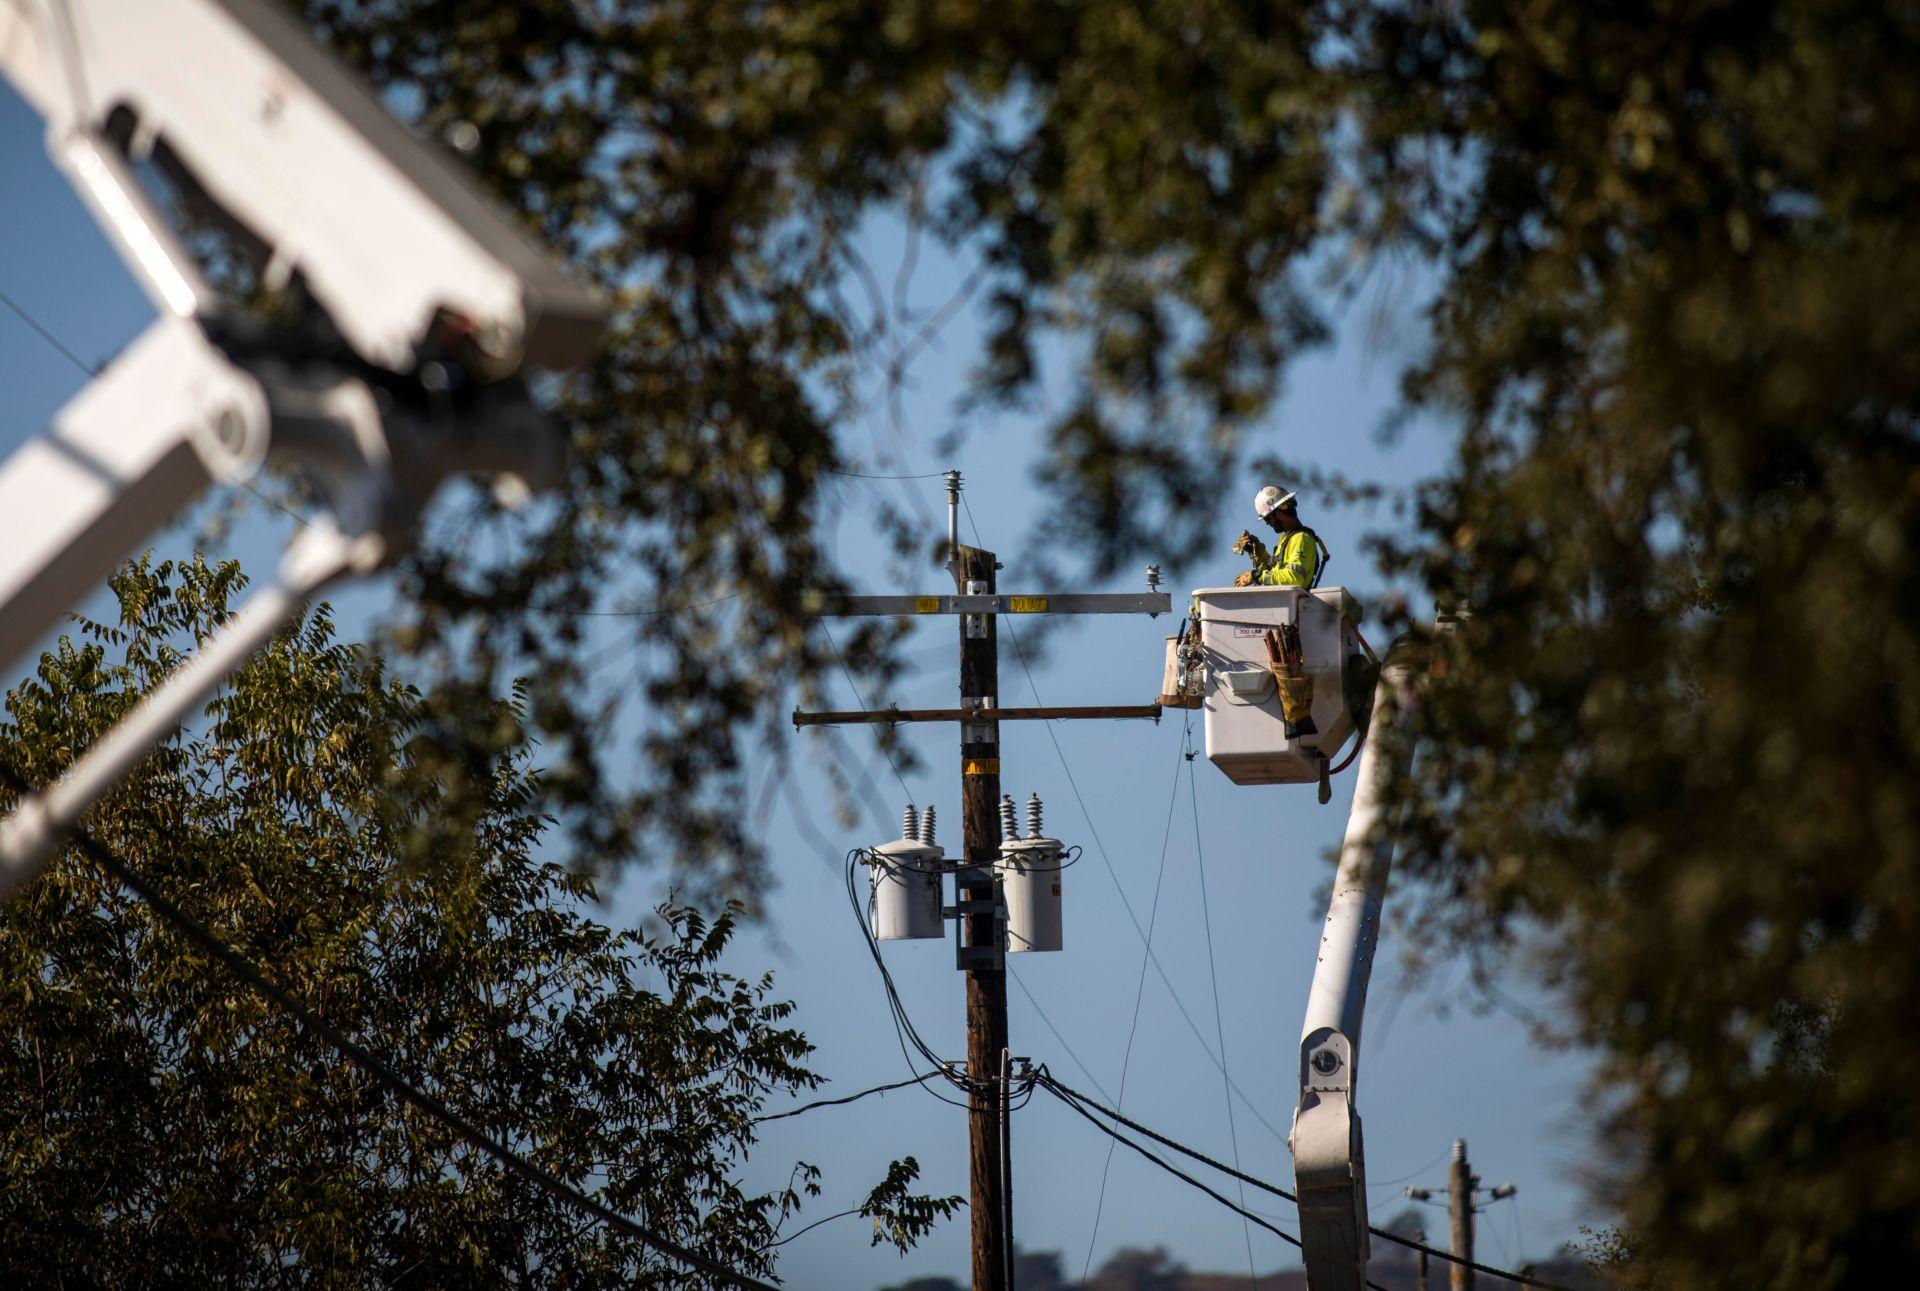 Công ty điện PG&E bị truy tố vụ gây cháy rừng ở California khiến 4 người chết